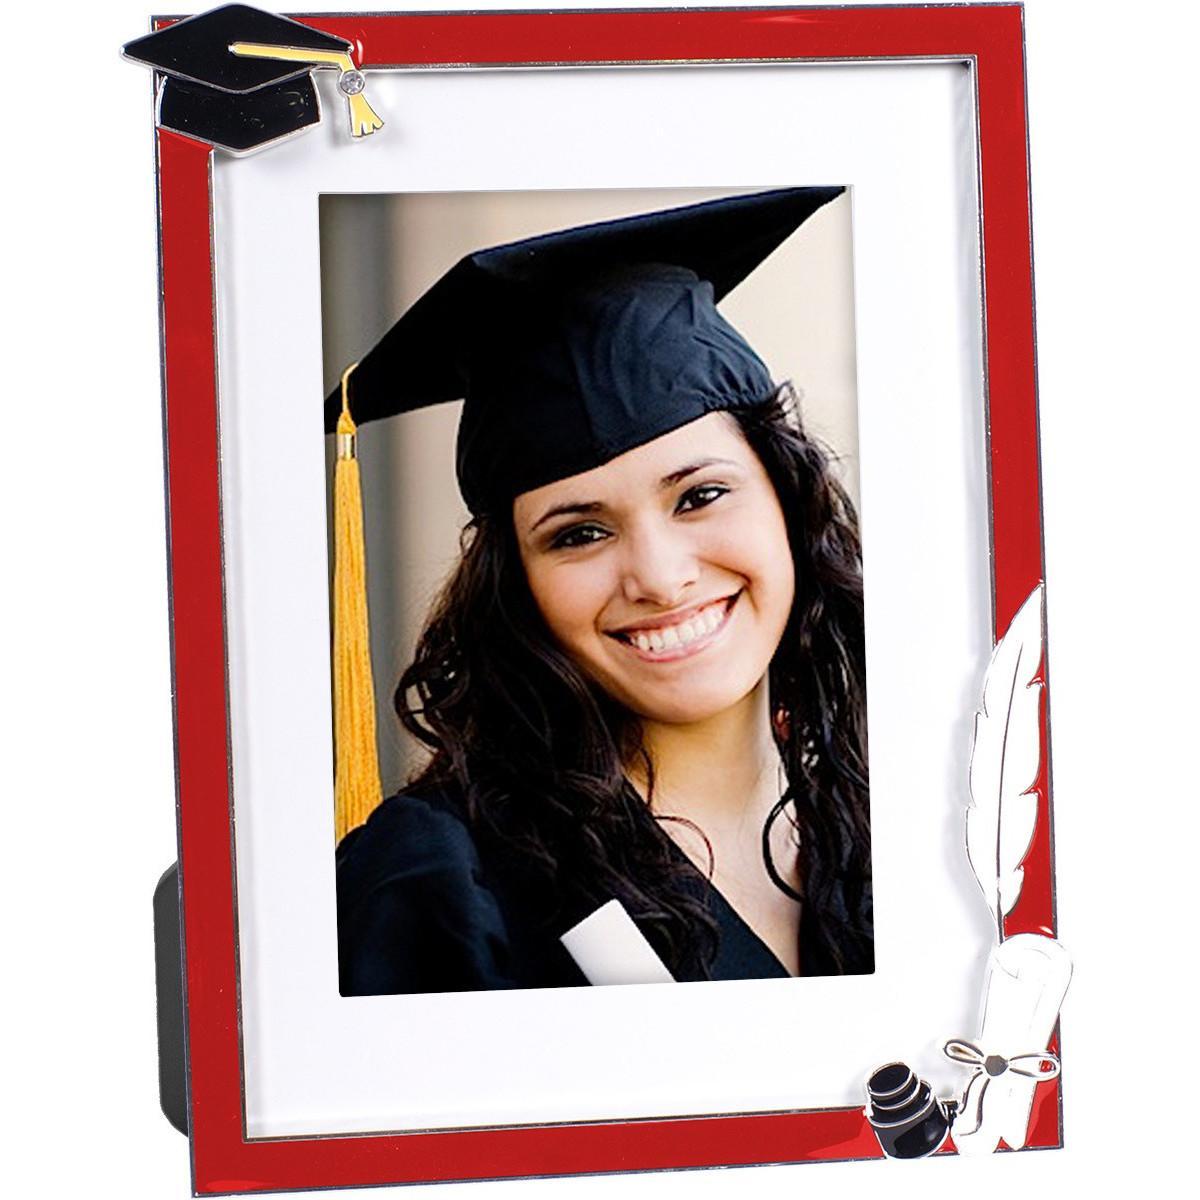 marco-de-fotos-plateado-esmaltado-rojo-birrete-titulo-10x15-graduacion-deamsa-07541-lomejorsg.jpg